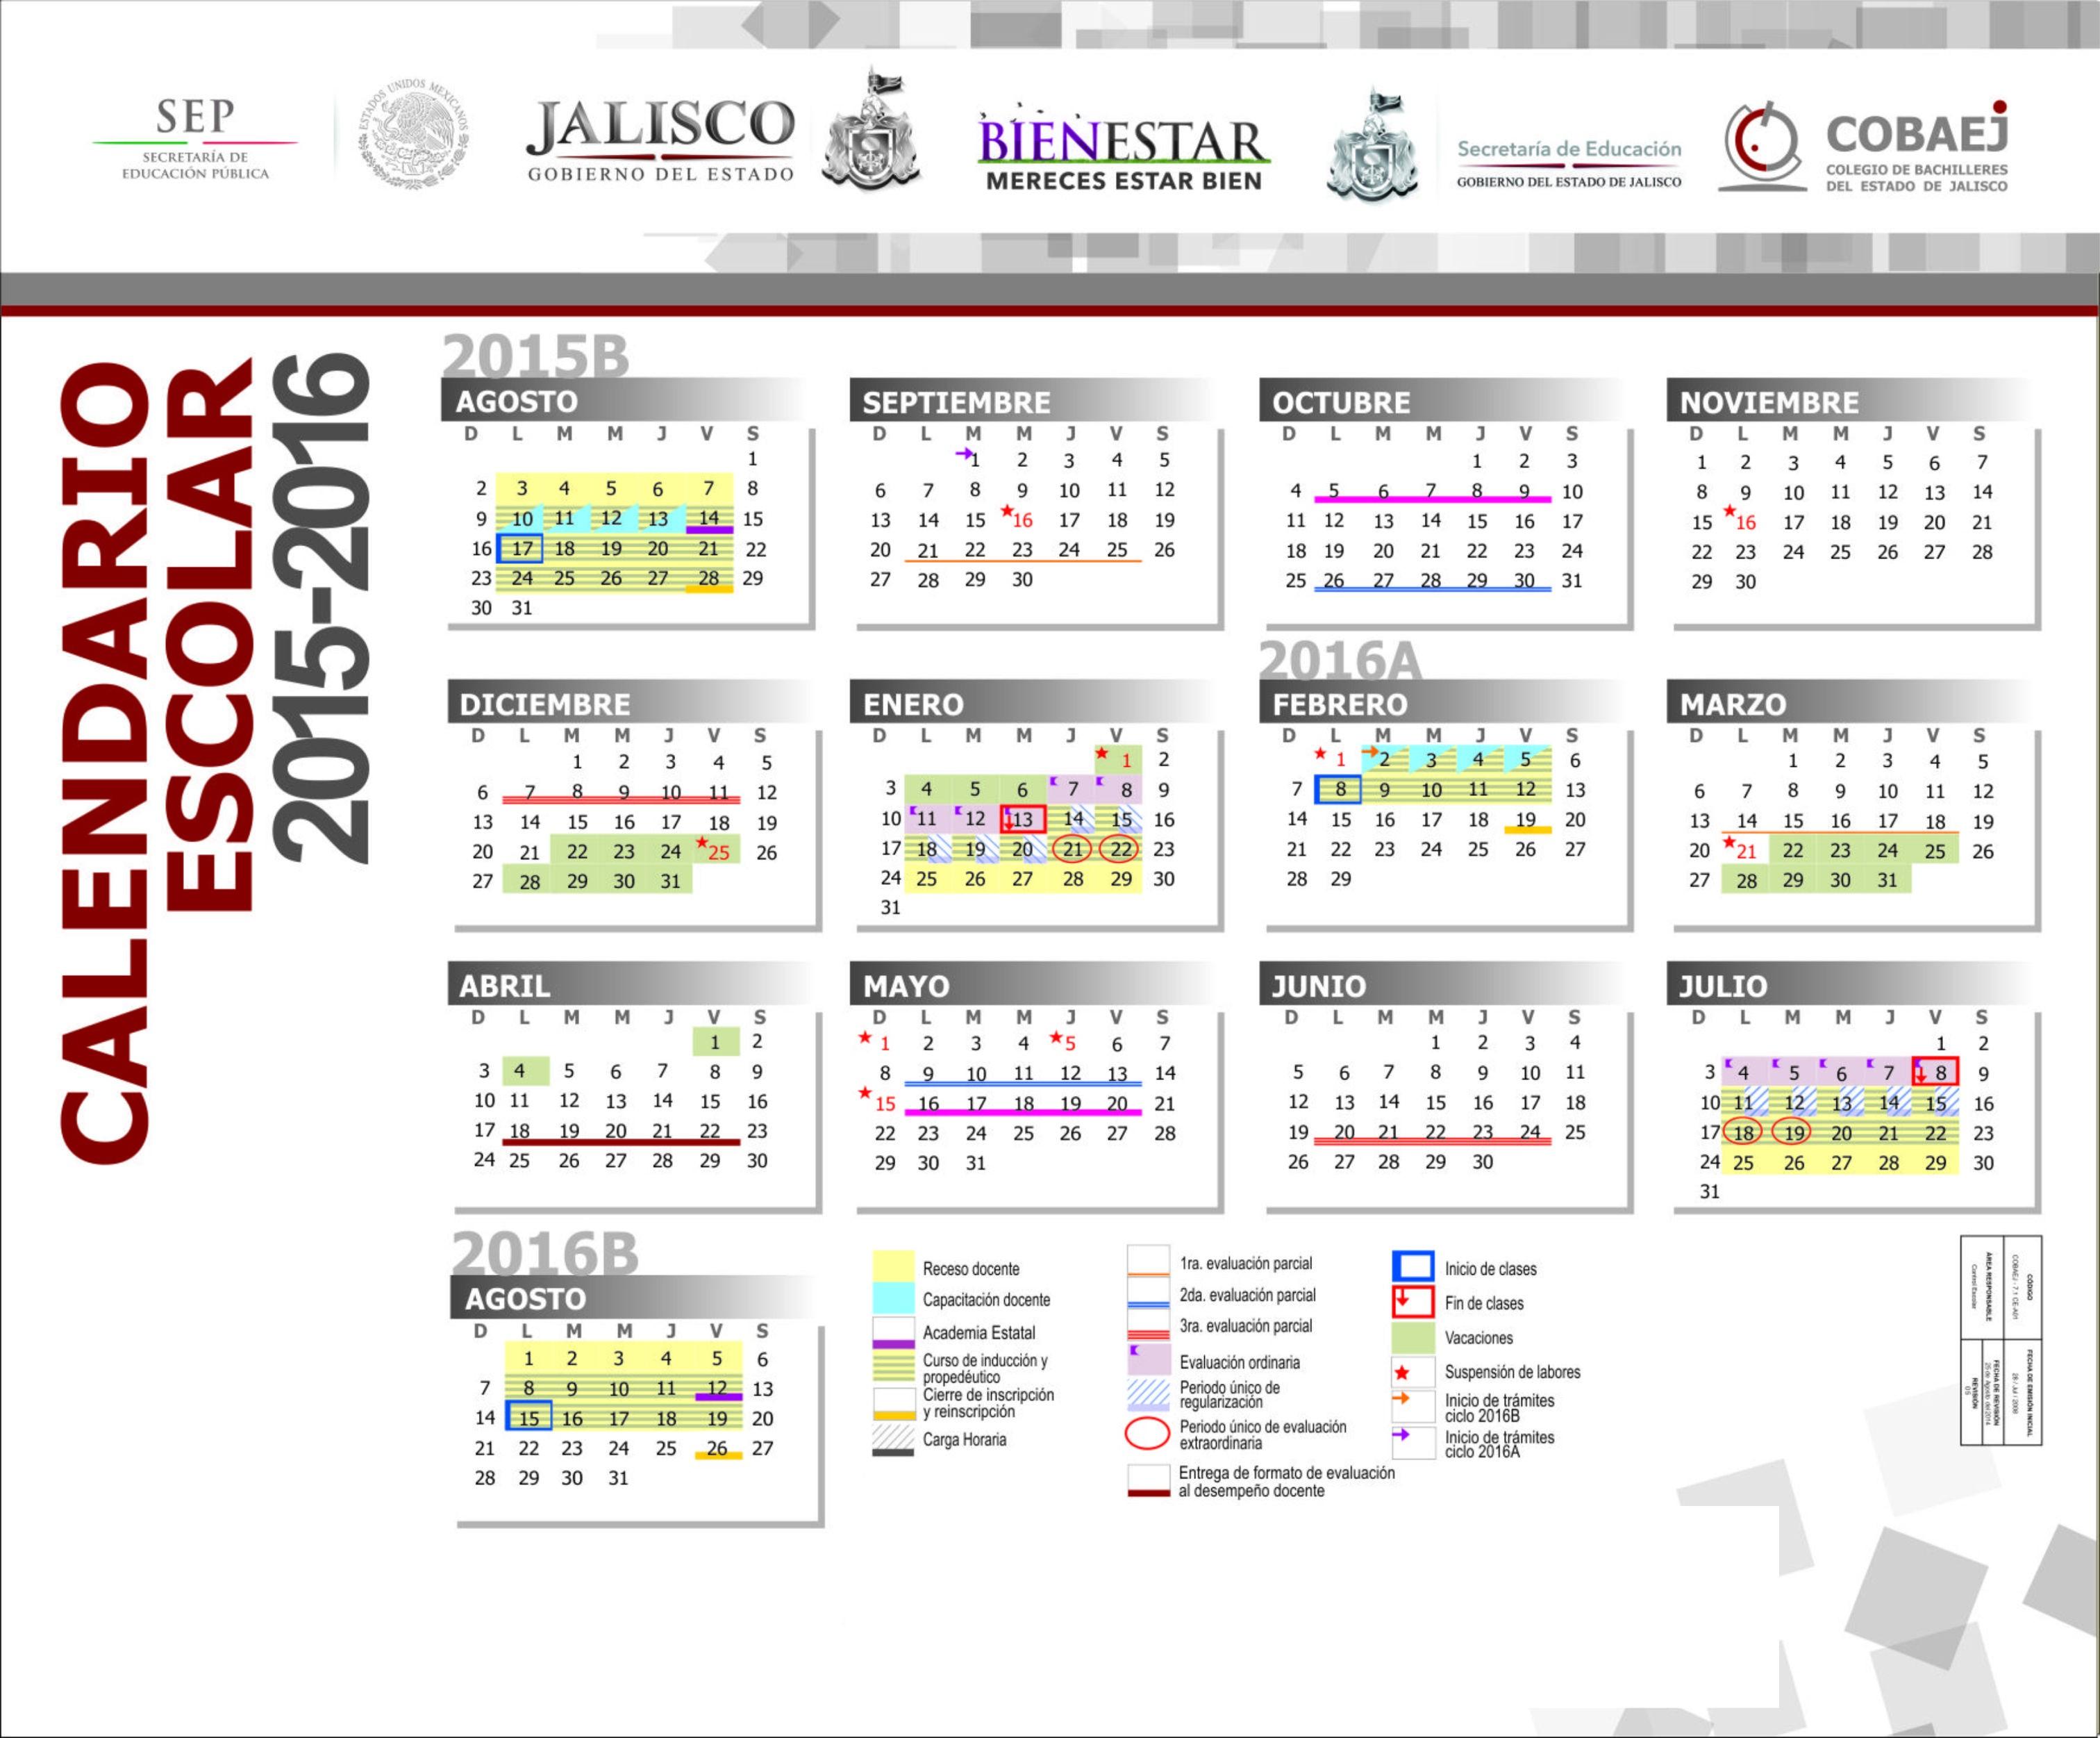 Calendario Lunar 2019 Colombia Más Populares Calendario 2015 1 Copy Universidad Nacional Autnoma De Mxico Of Calendario Lunar 2019 Colombia Más Recientes Calendarphone Best Calendar Online Website with Plete Calendar